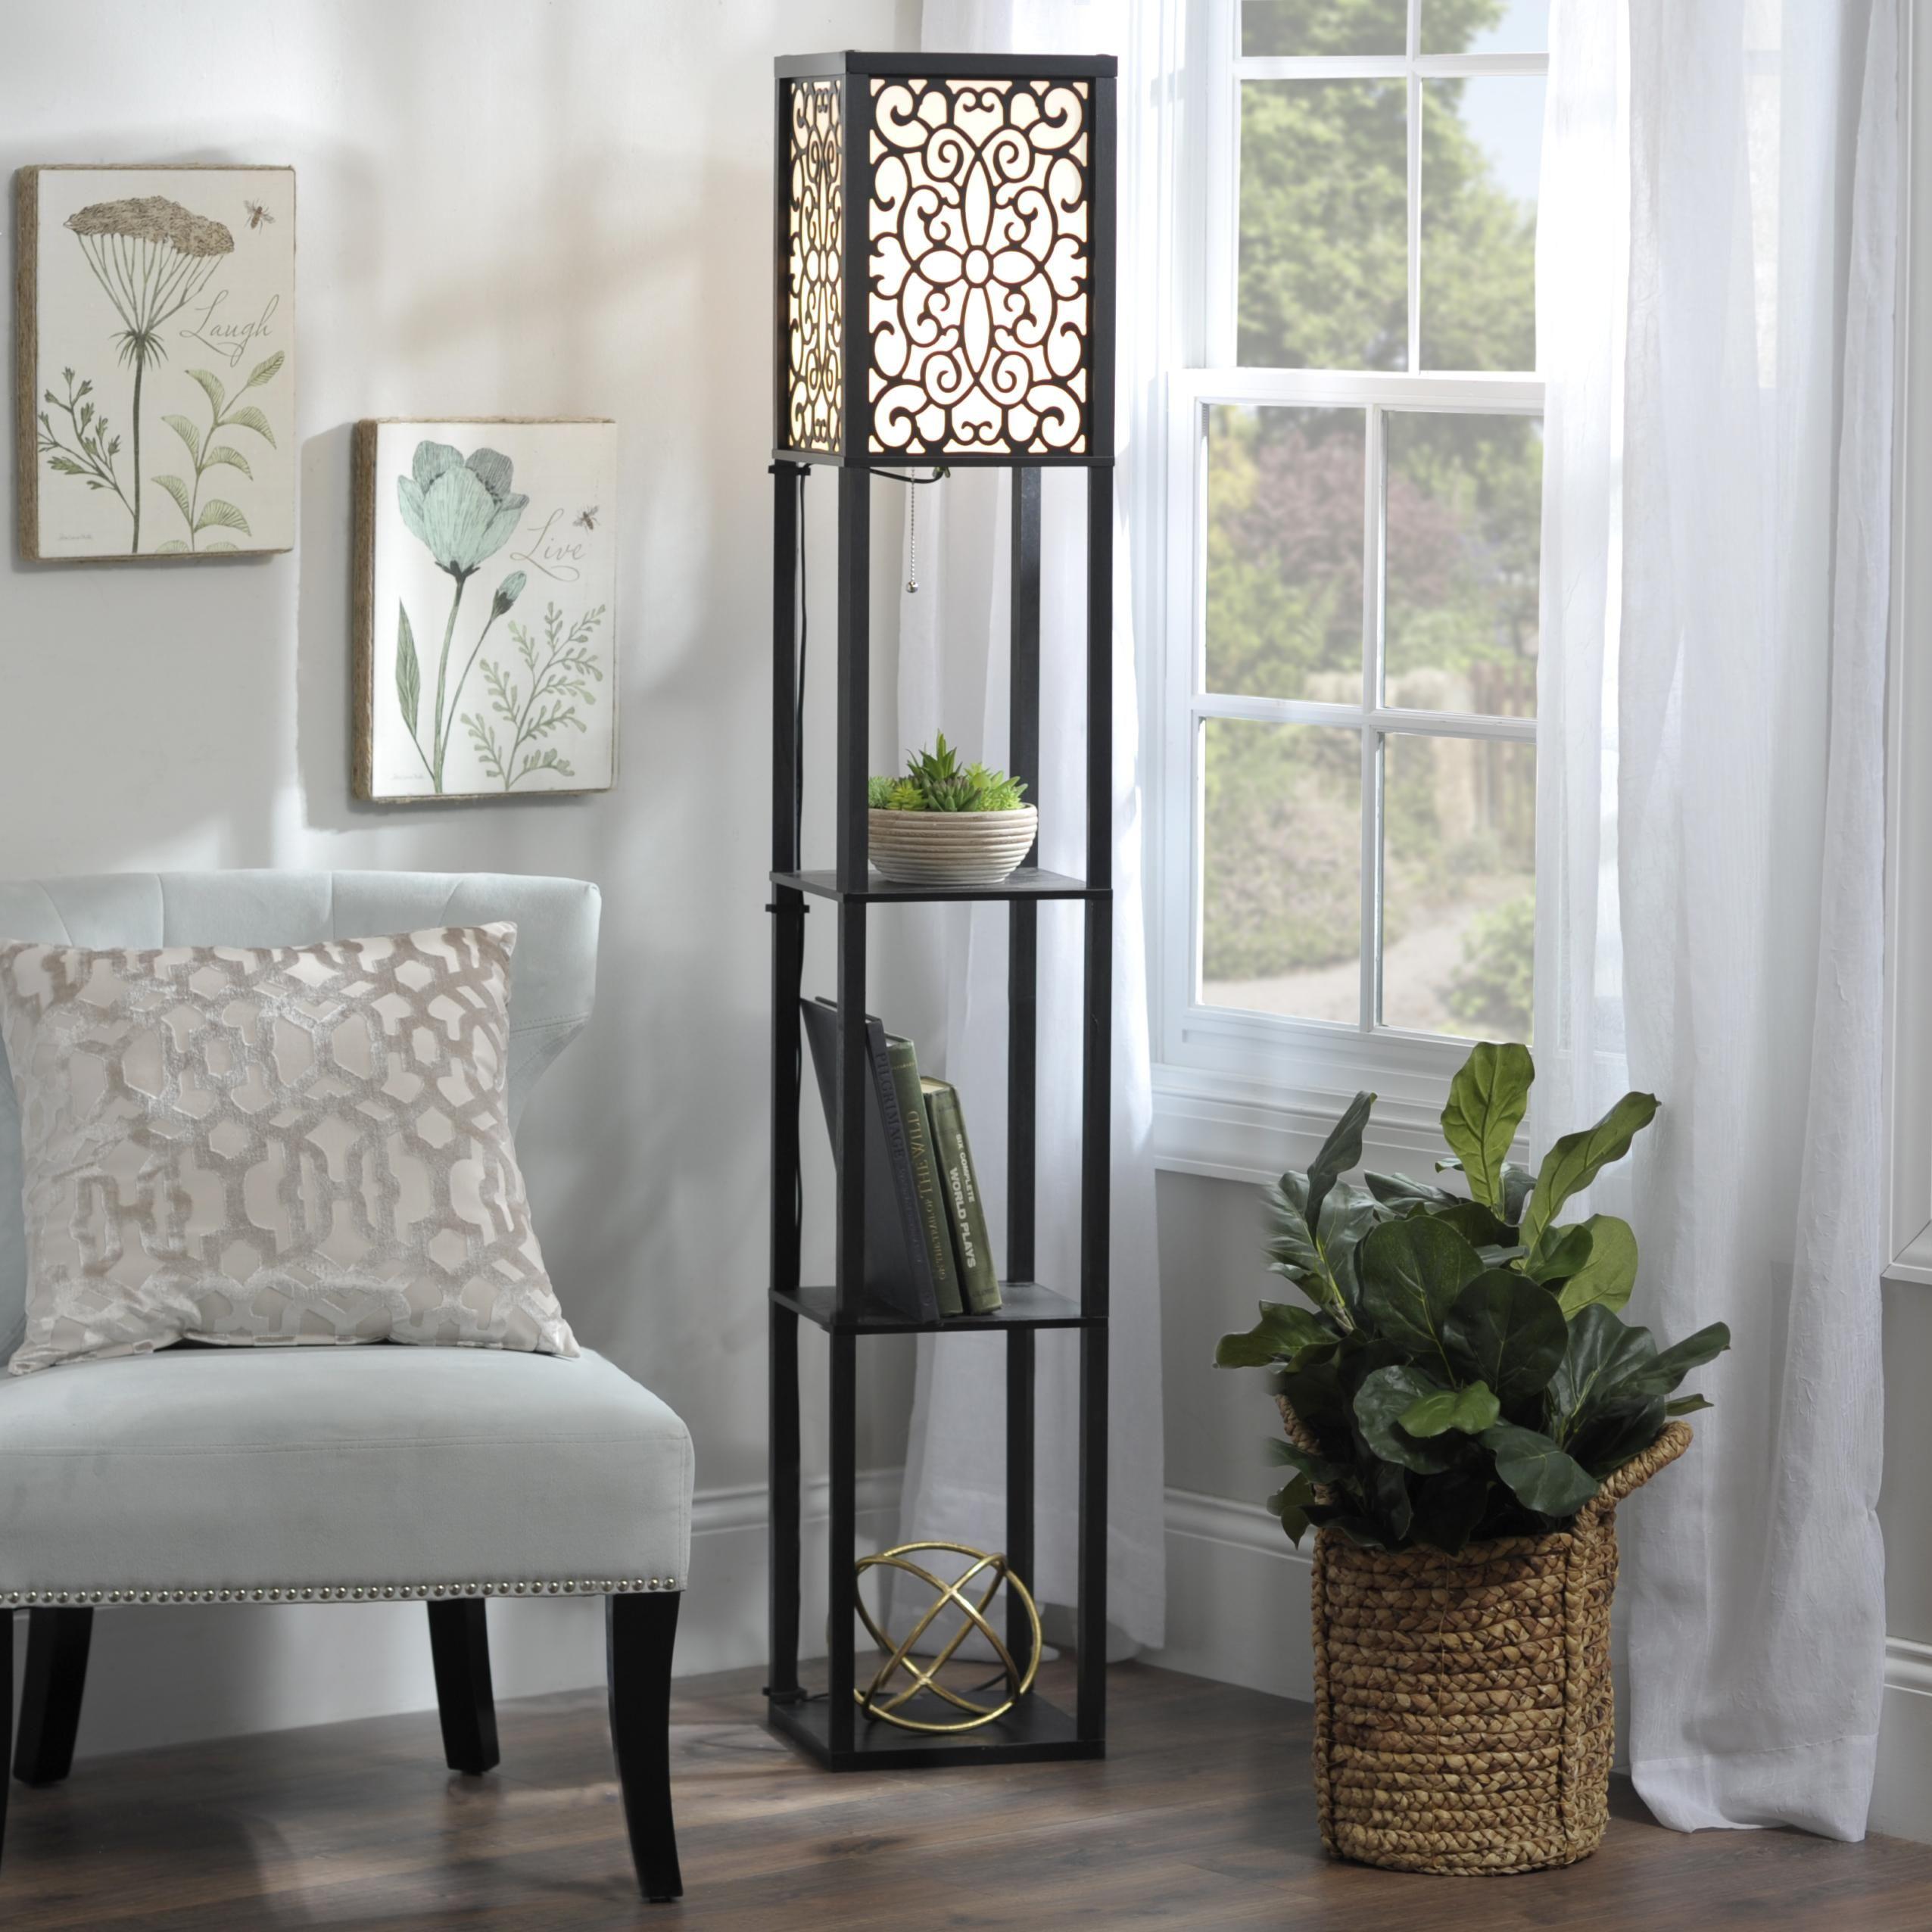 Wallace Shelf Floor Lamp Floor Lamps Living Room Unique Floor Lamps Floor Lamp With Shelves #unique #floor #lamps #for #living #room